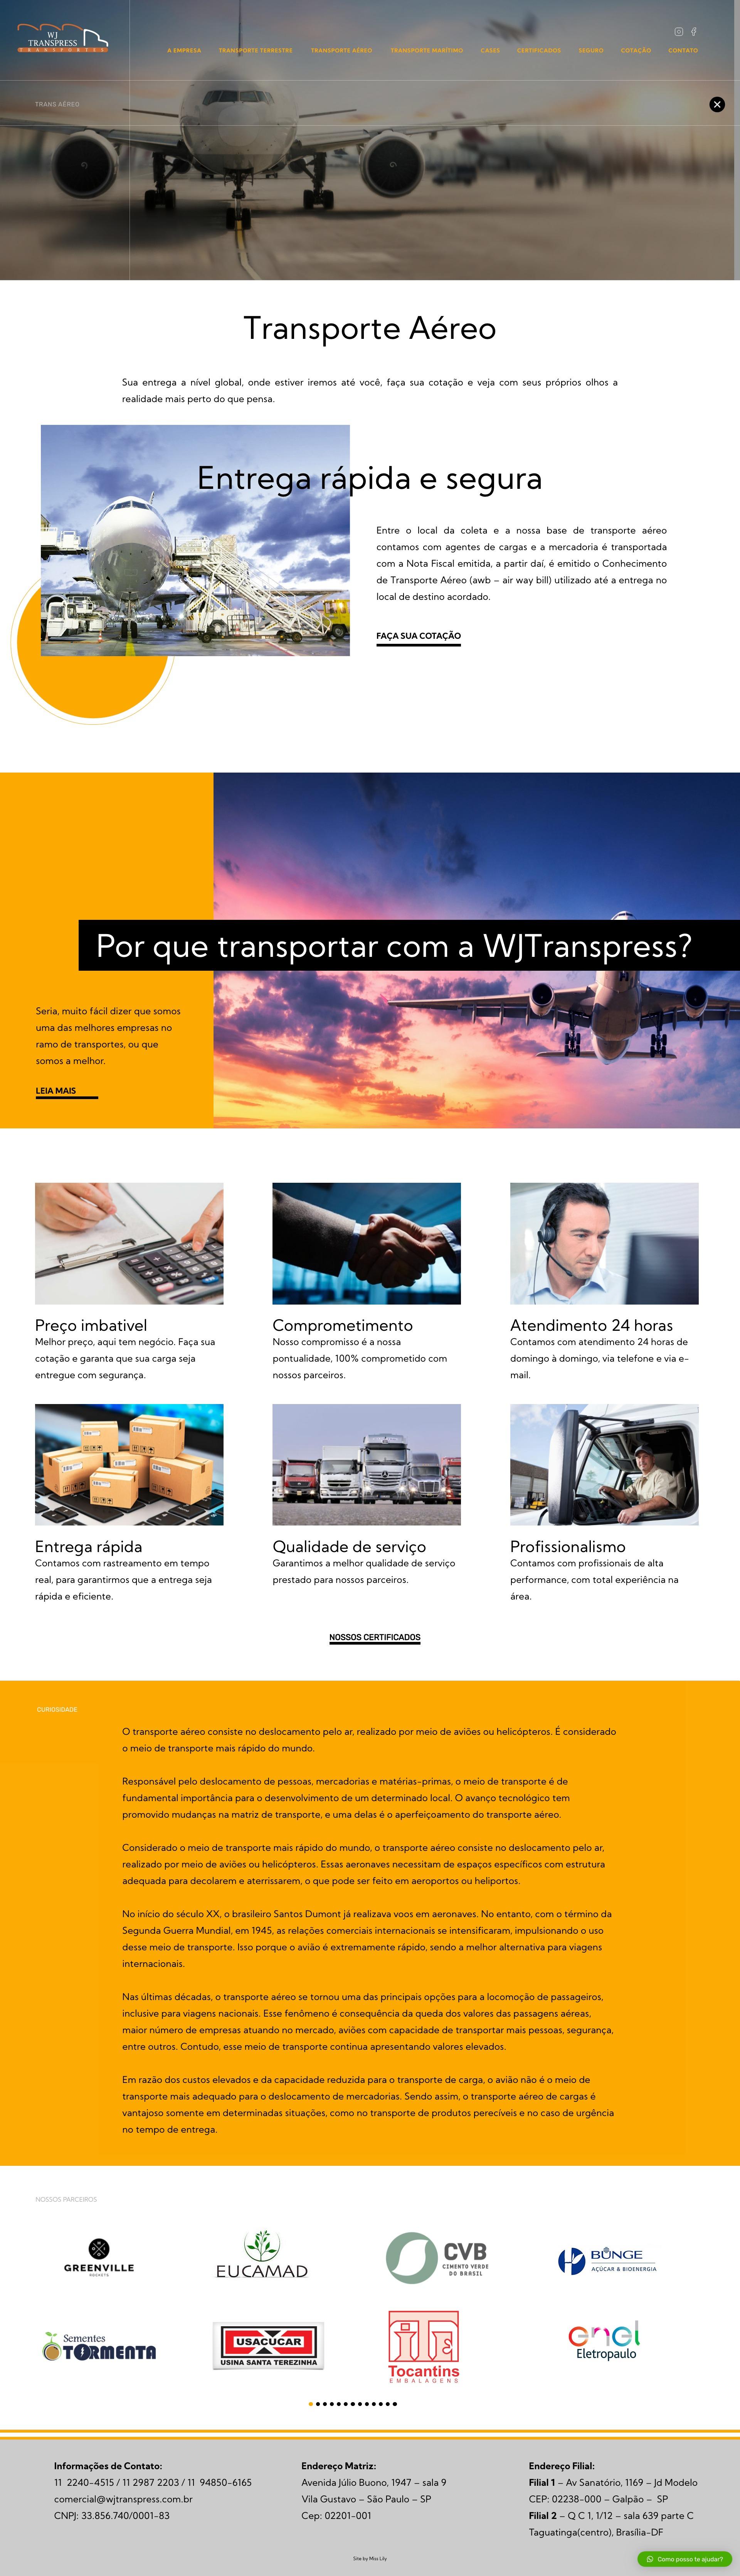 5- Transporte Aéreo - WJ Transpress - Transportadora